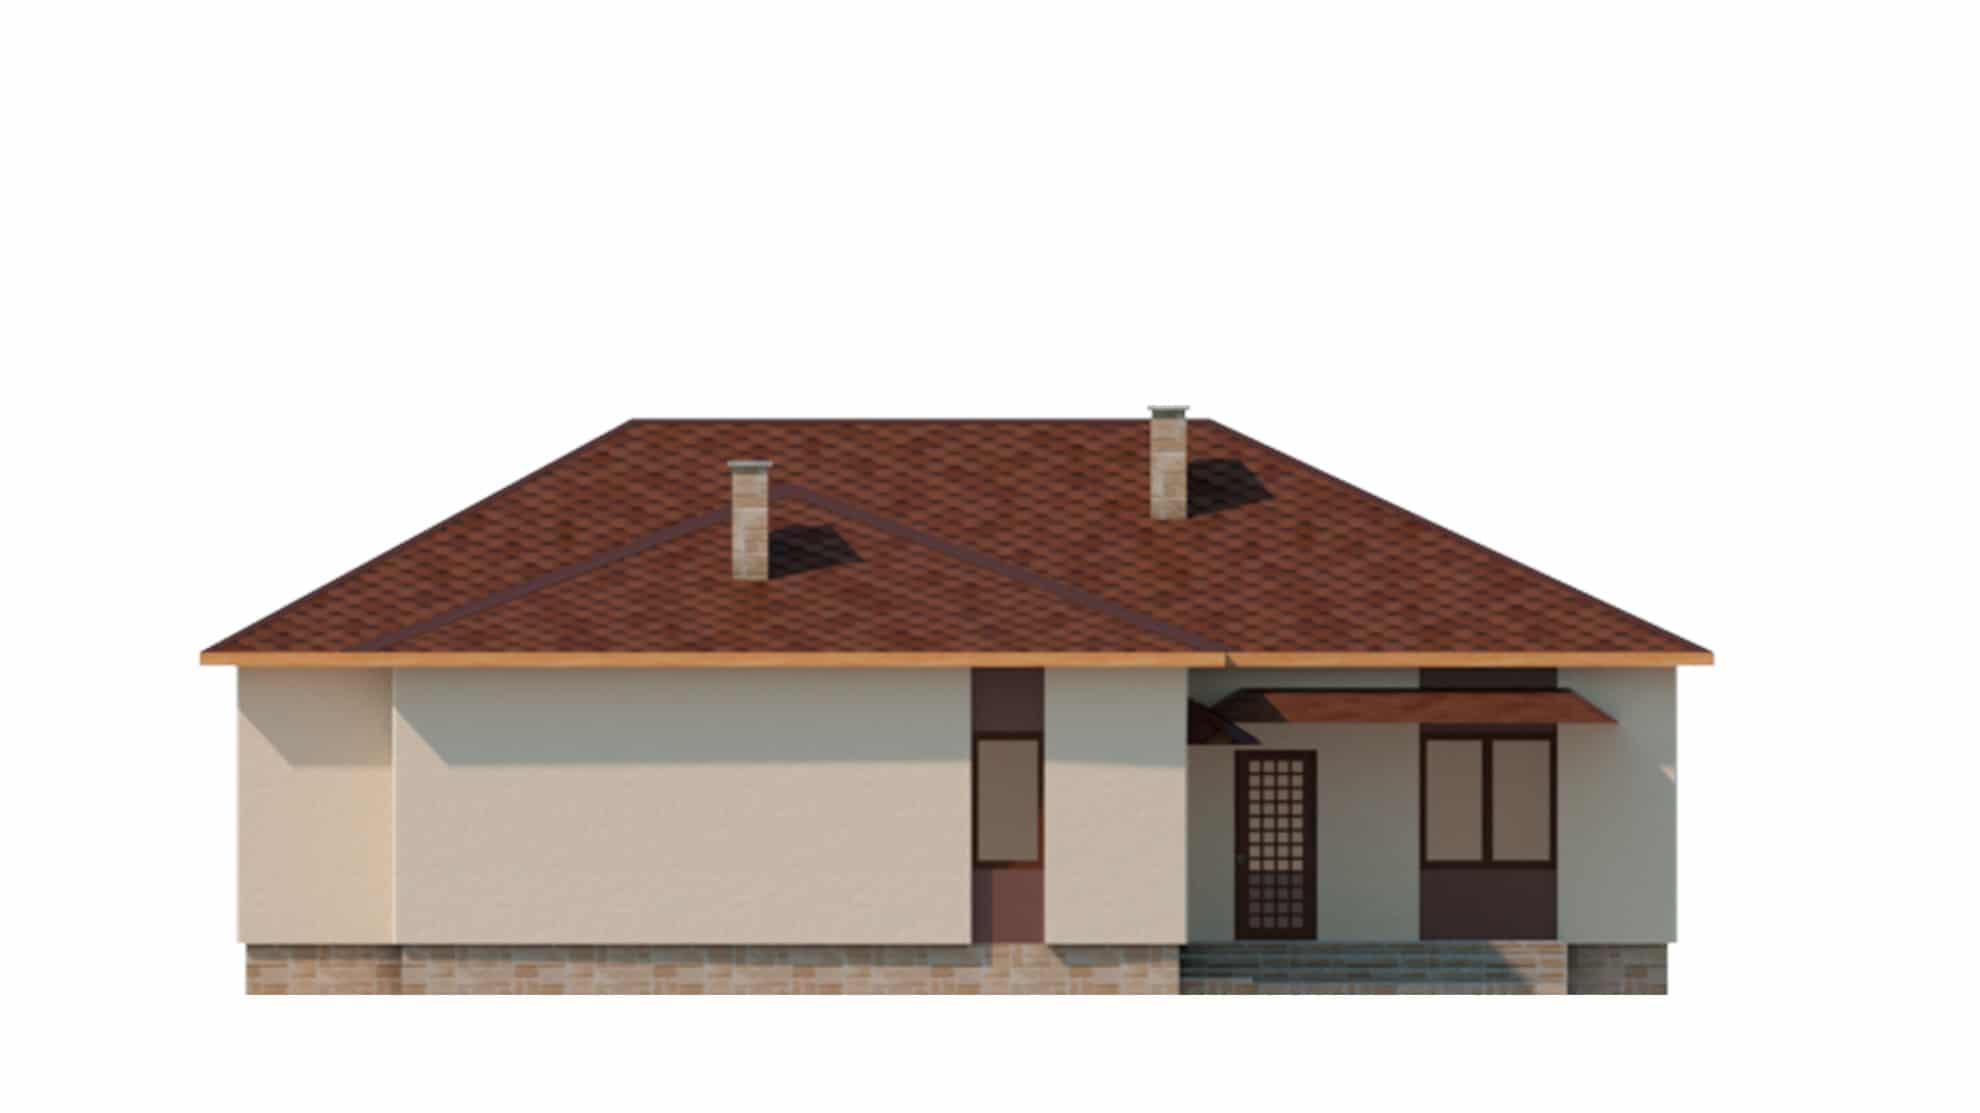 Фасад одноэтажного дома с террасой «КО-62» - сзади